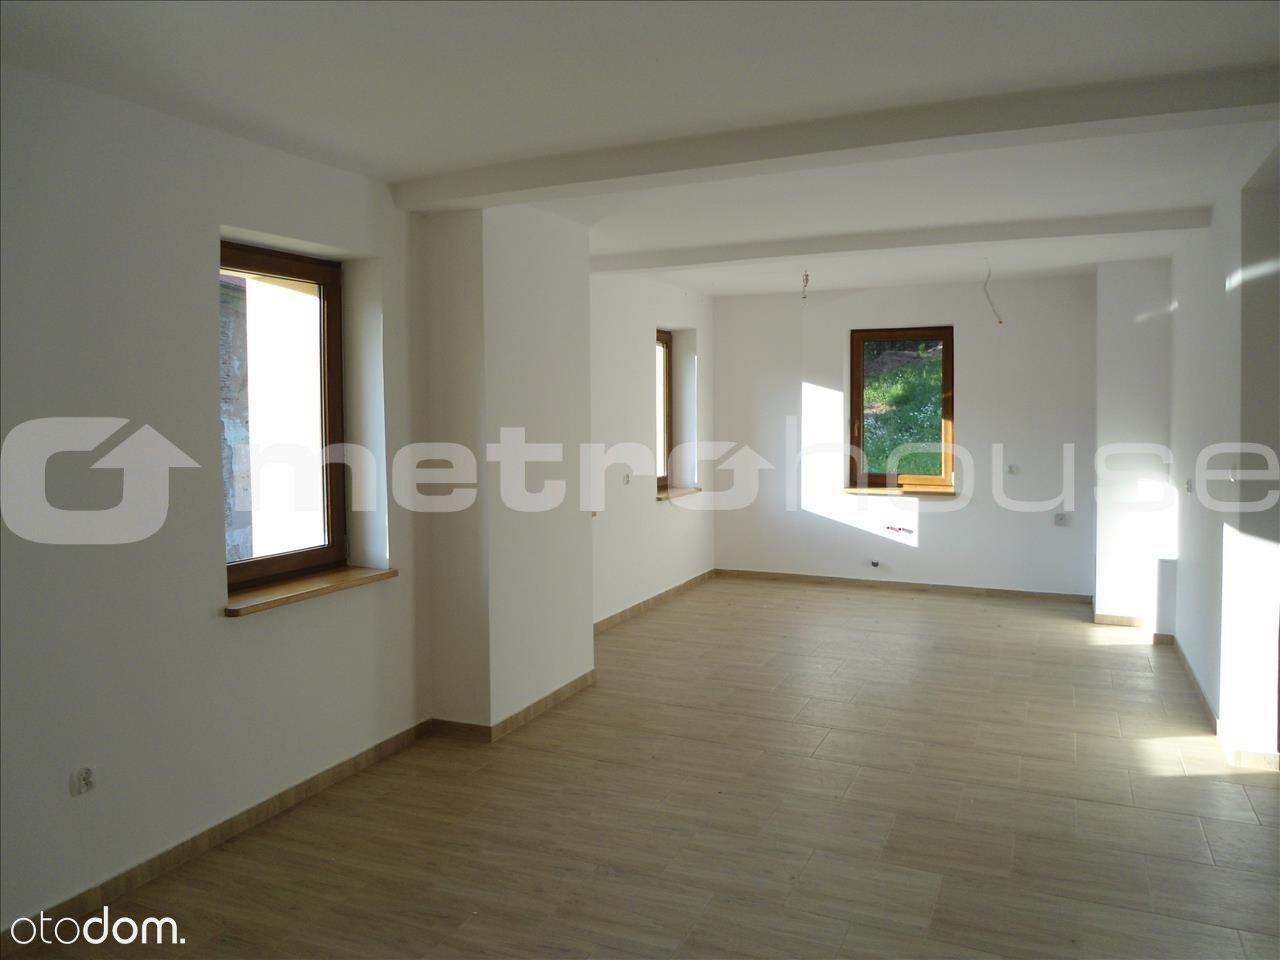 Dom na sprzedaż, Mieroszów, wałbrzyski, dolnośląskie - Foto 3